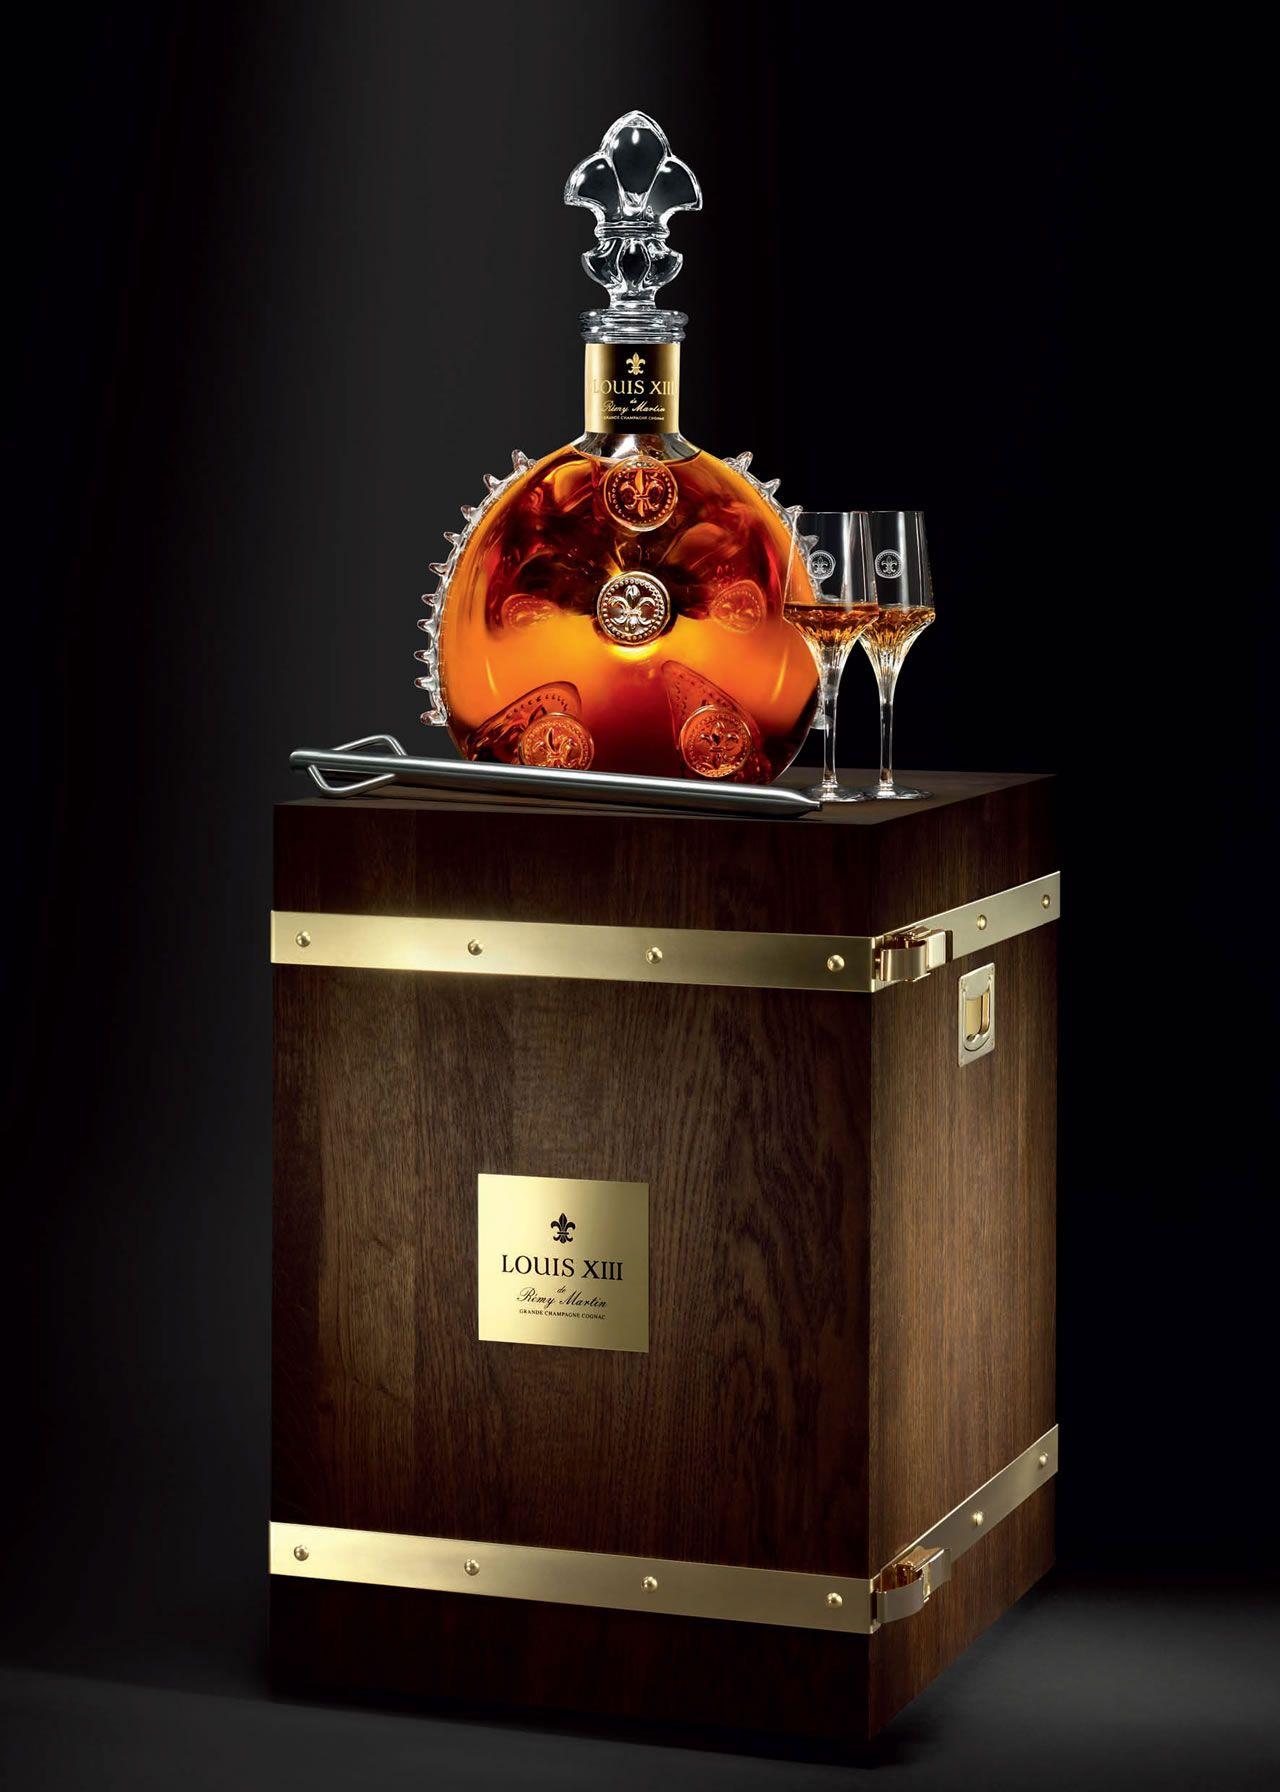 Cognac : record pour la vente aux enchères de la Part des Anges, avec un Louis XIII jéroboam de Rémy Martin adjugé 32 000 €. http://www.terredevins.com/cognac-record-pour-les-encheres-de-la-part-des-anges/